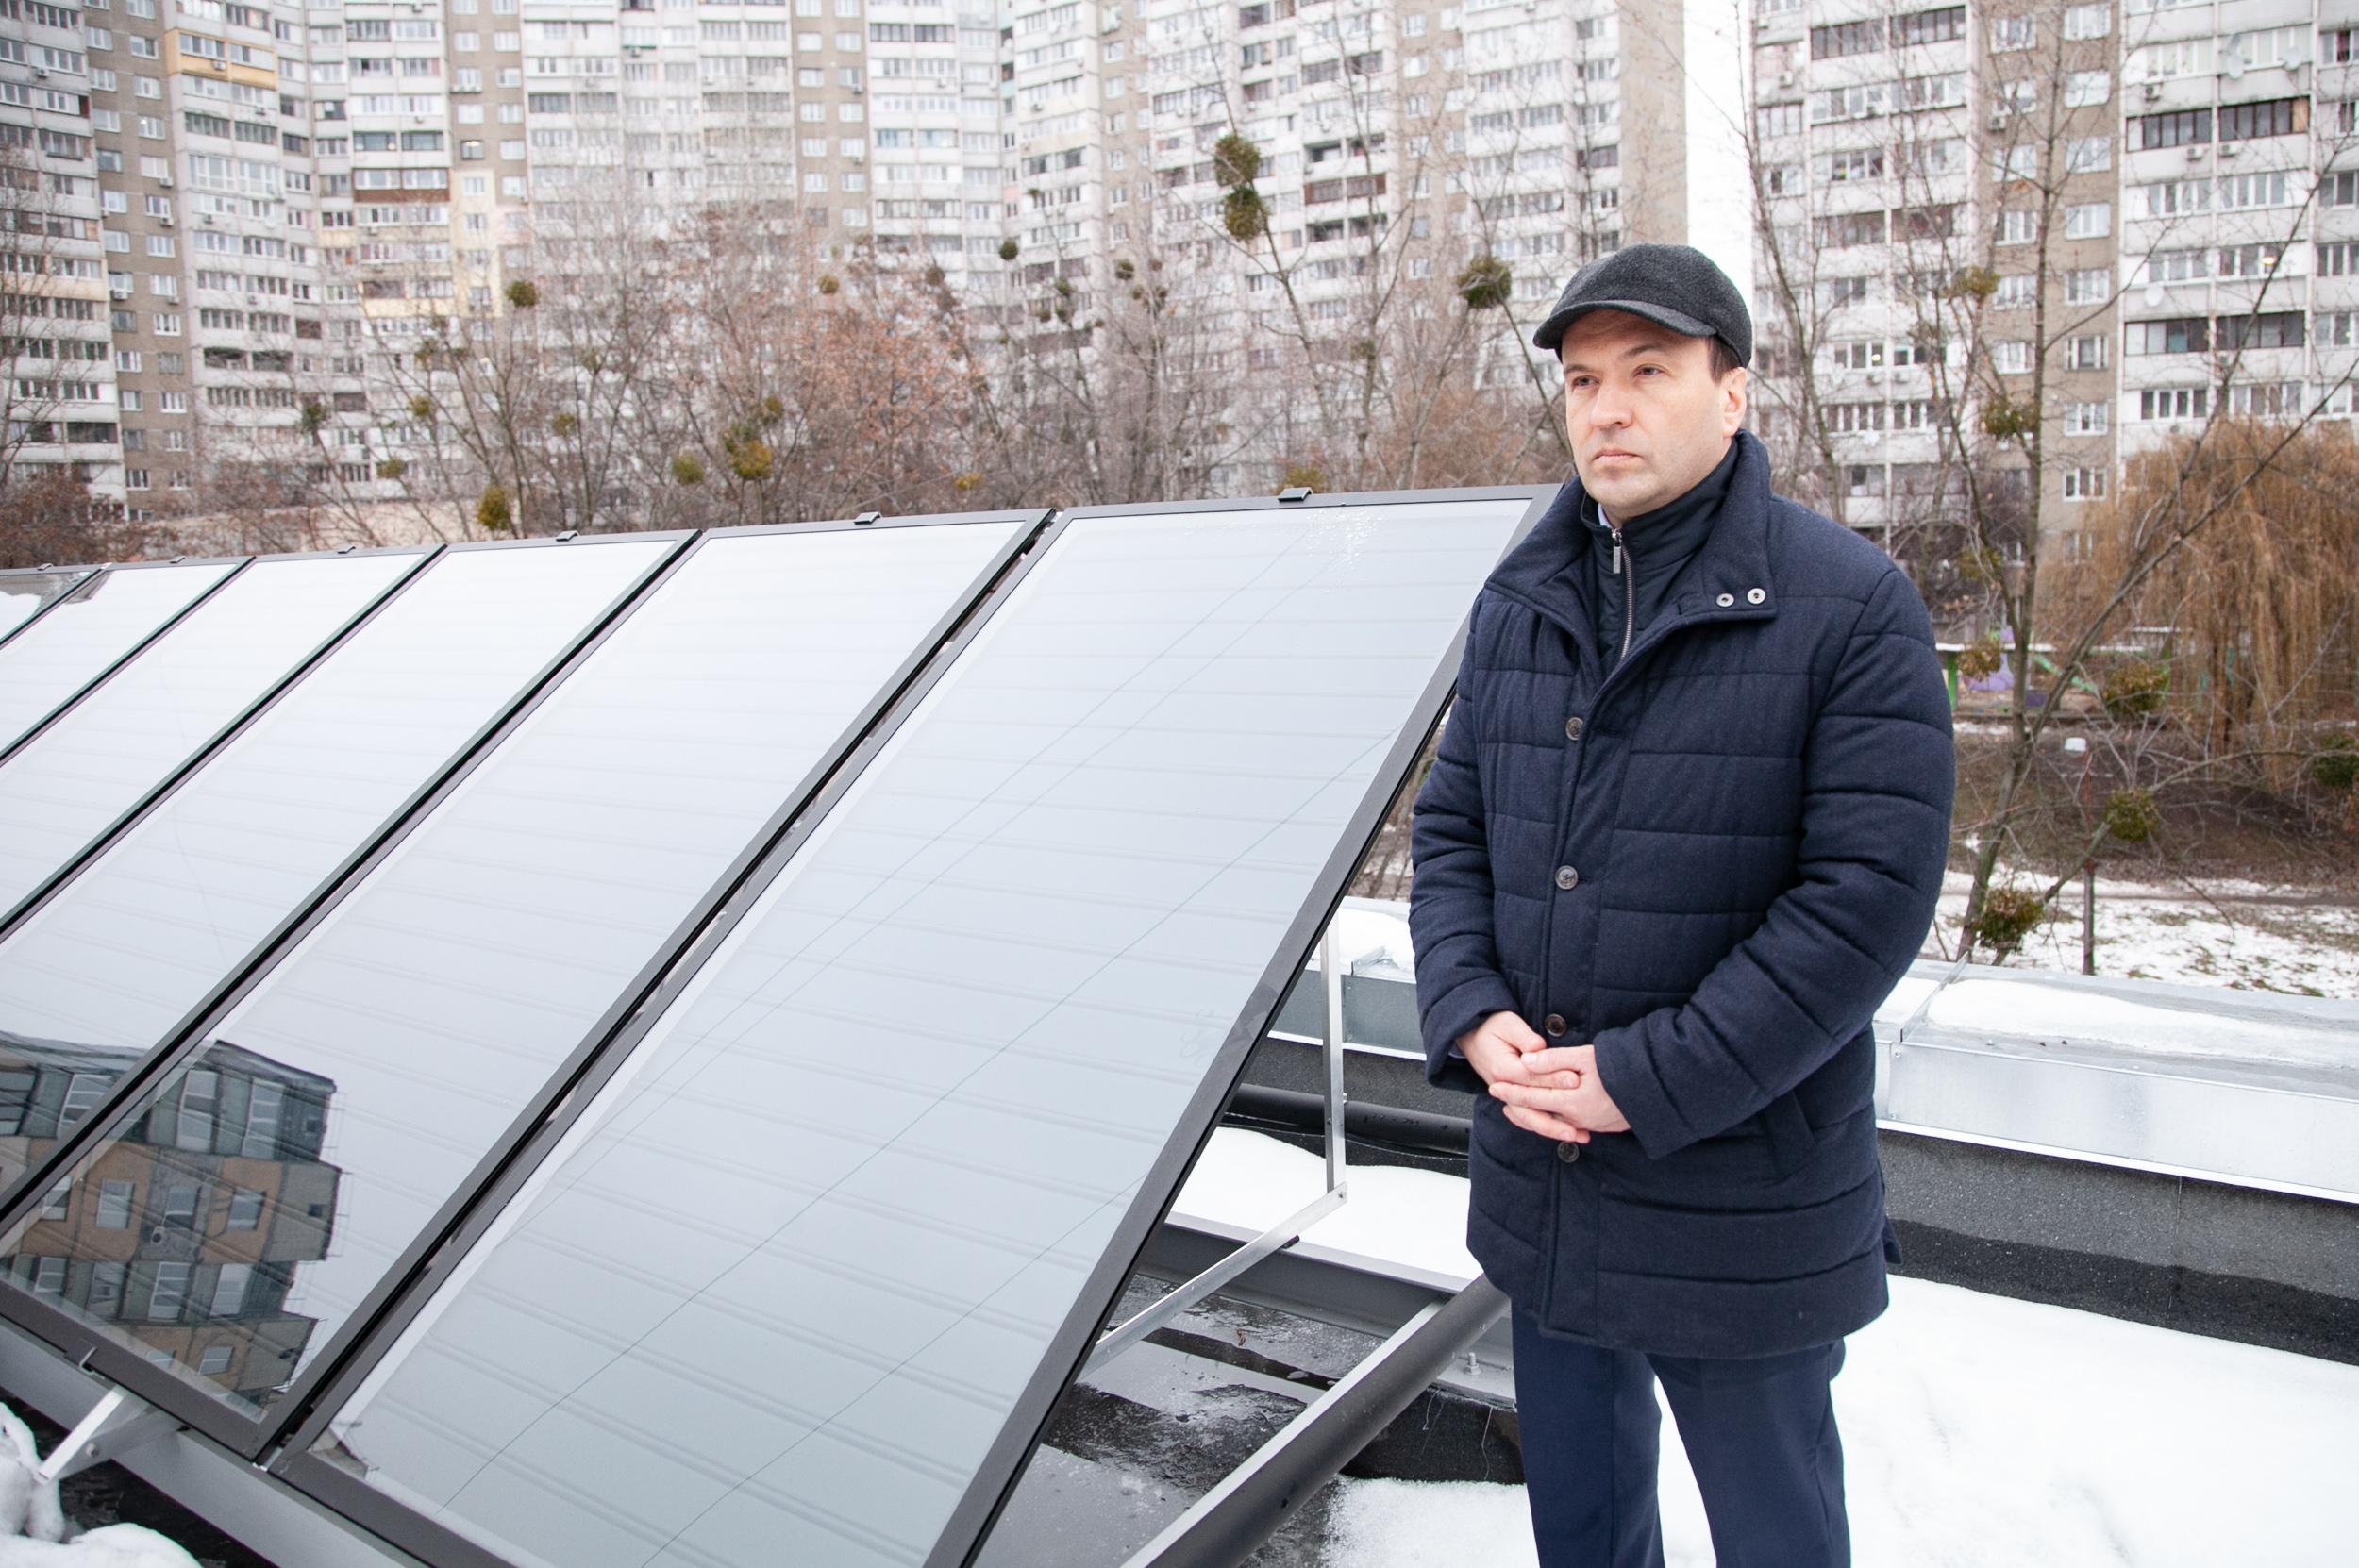 В детских садиках Киева на солнце будут греть холодную воду